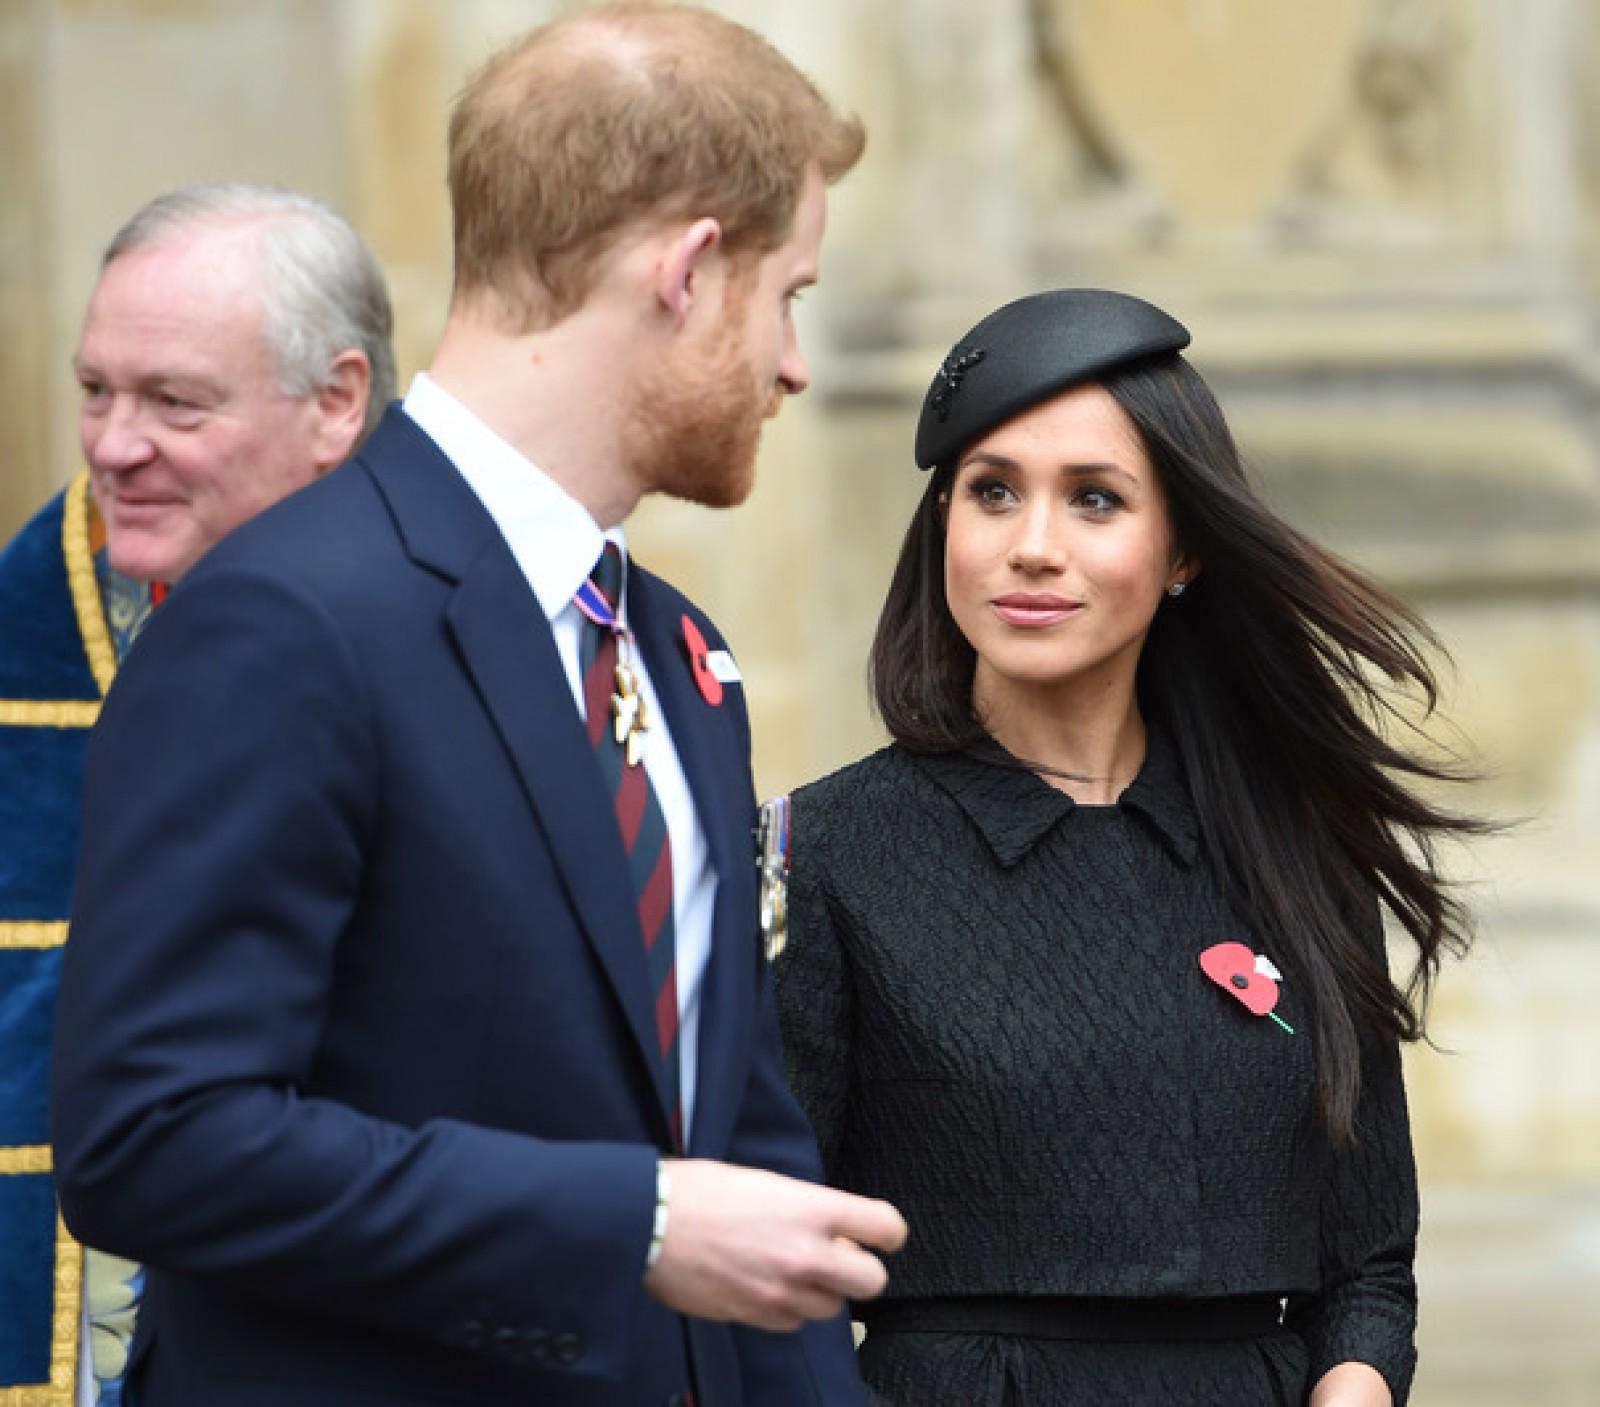 Tatăl lui Meghan Markle nu va participa la nunta fiicei sale cu prinţul Harry. Care ar fi motivul